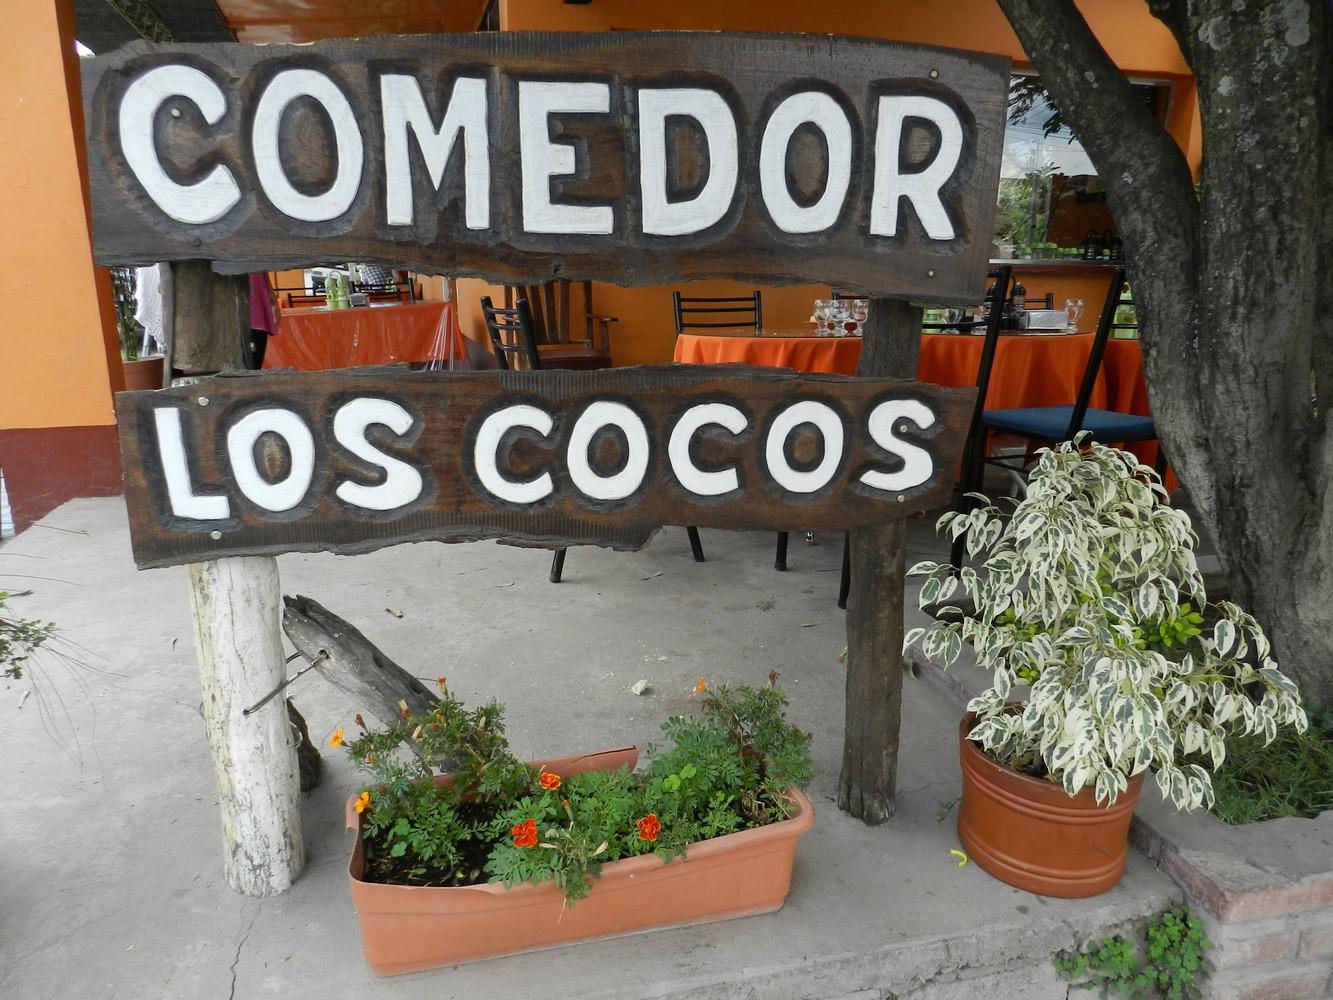 Comedor Los Cocos